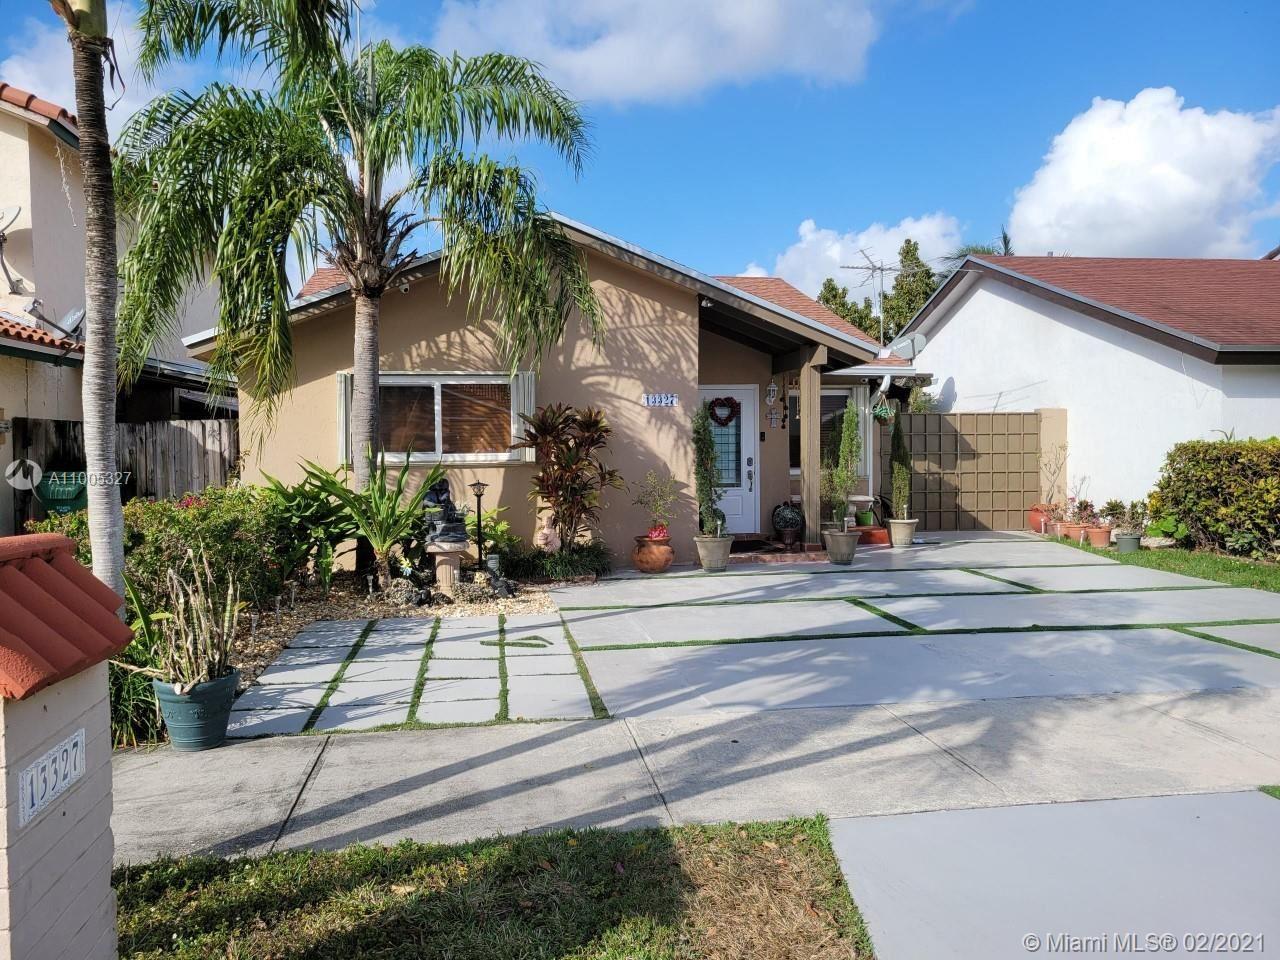 13327 SW 61st Ter, Miami, FL 33183 - #: A11005327